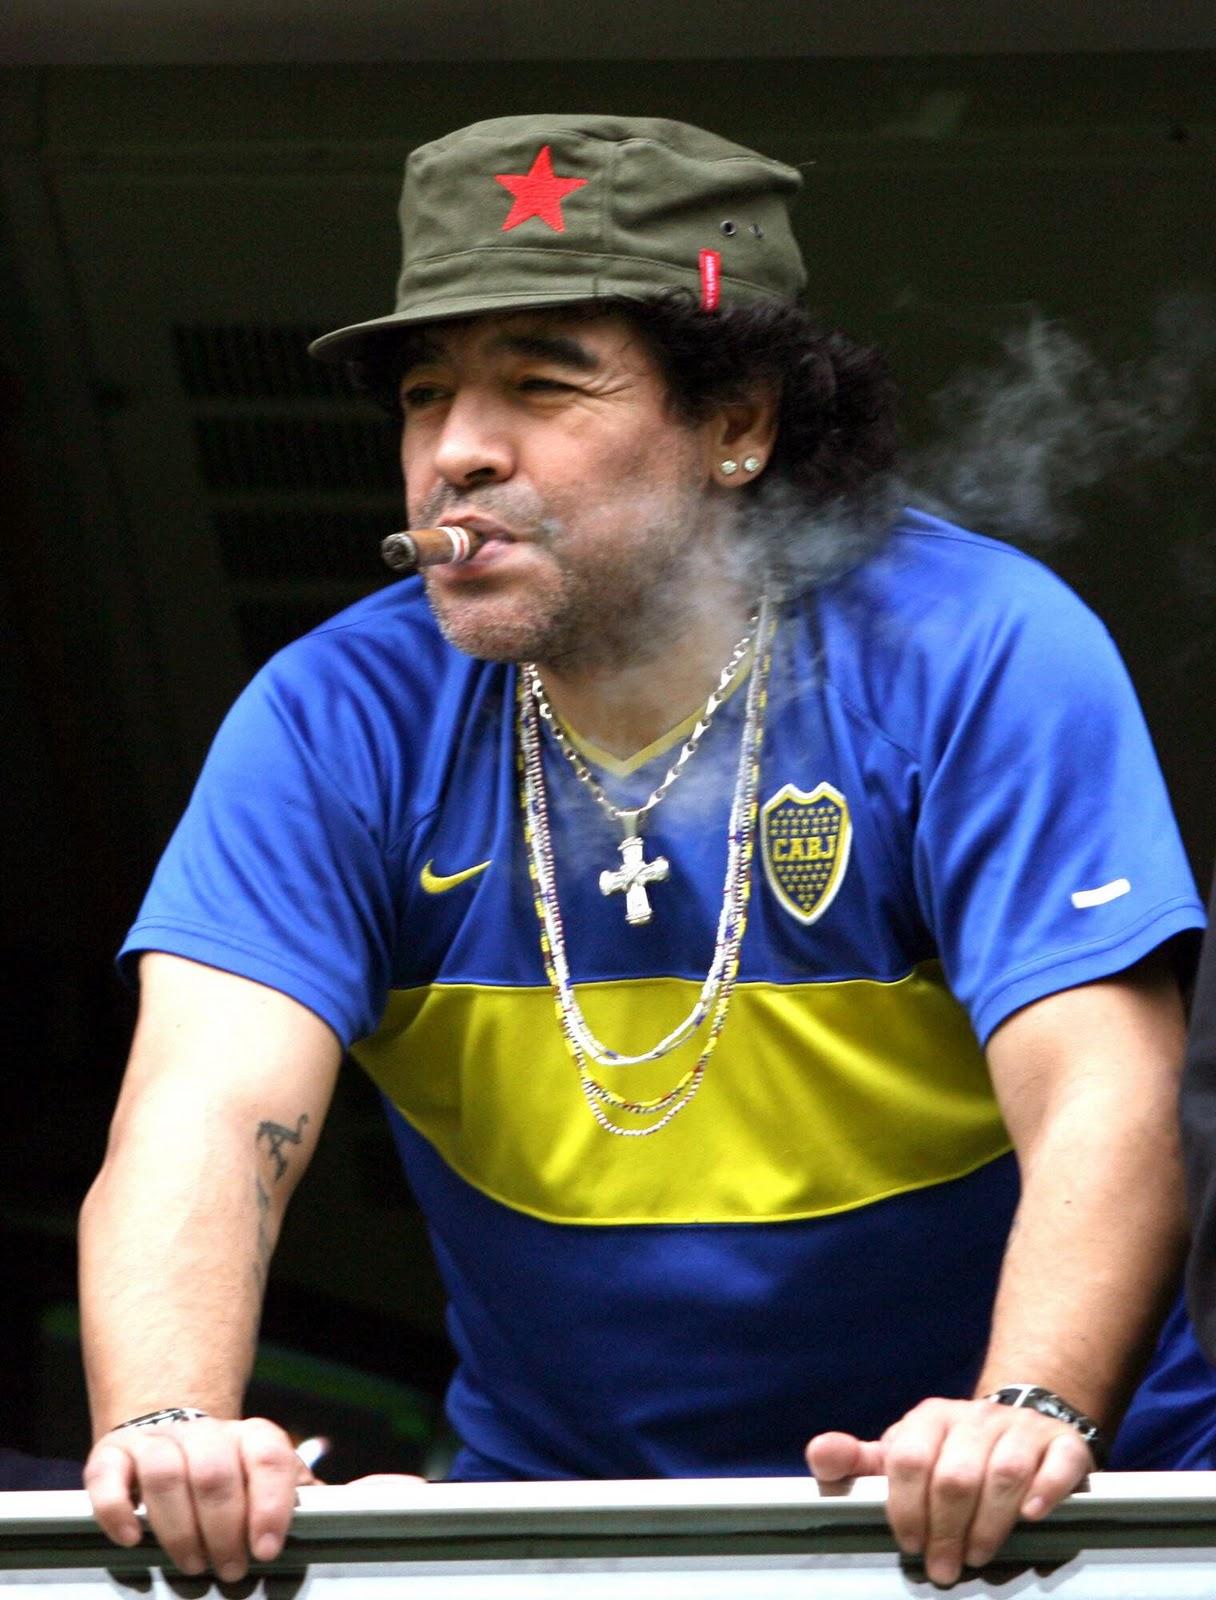 http://4.bp.blogspot.com/_6fsEVc1TEME/TM6WXNH8mxI/AAAAAAAAACY/I76EZxnmdh0/s1600/Maradona.jpg